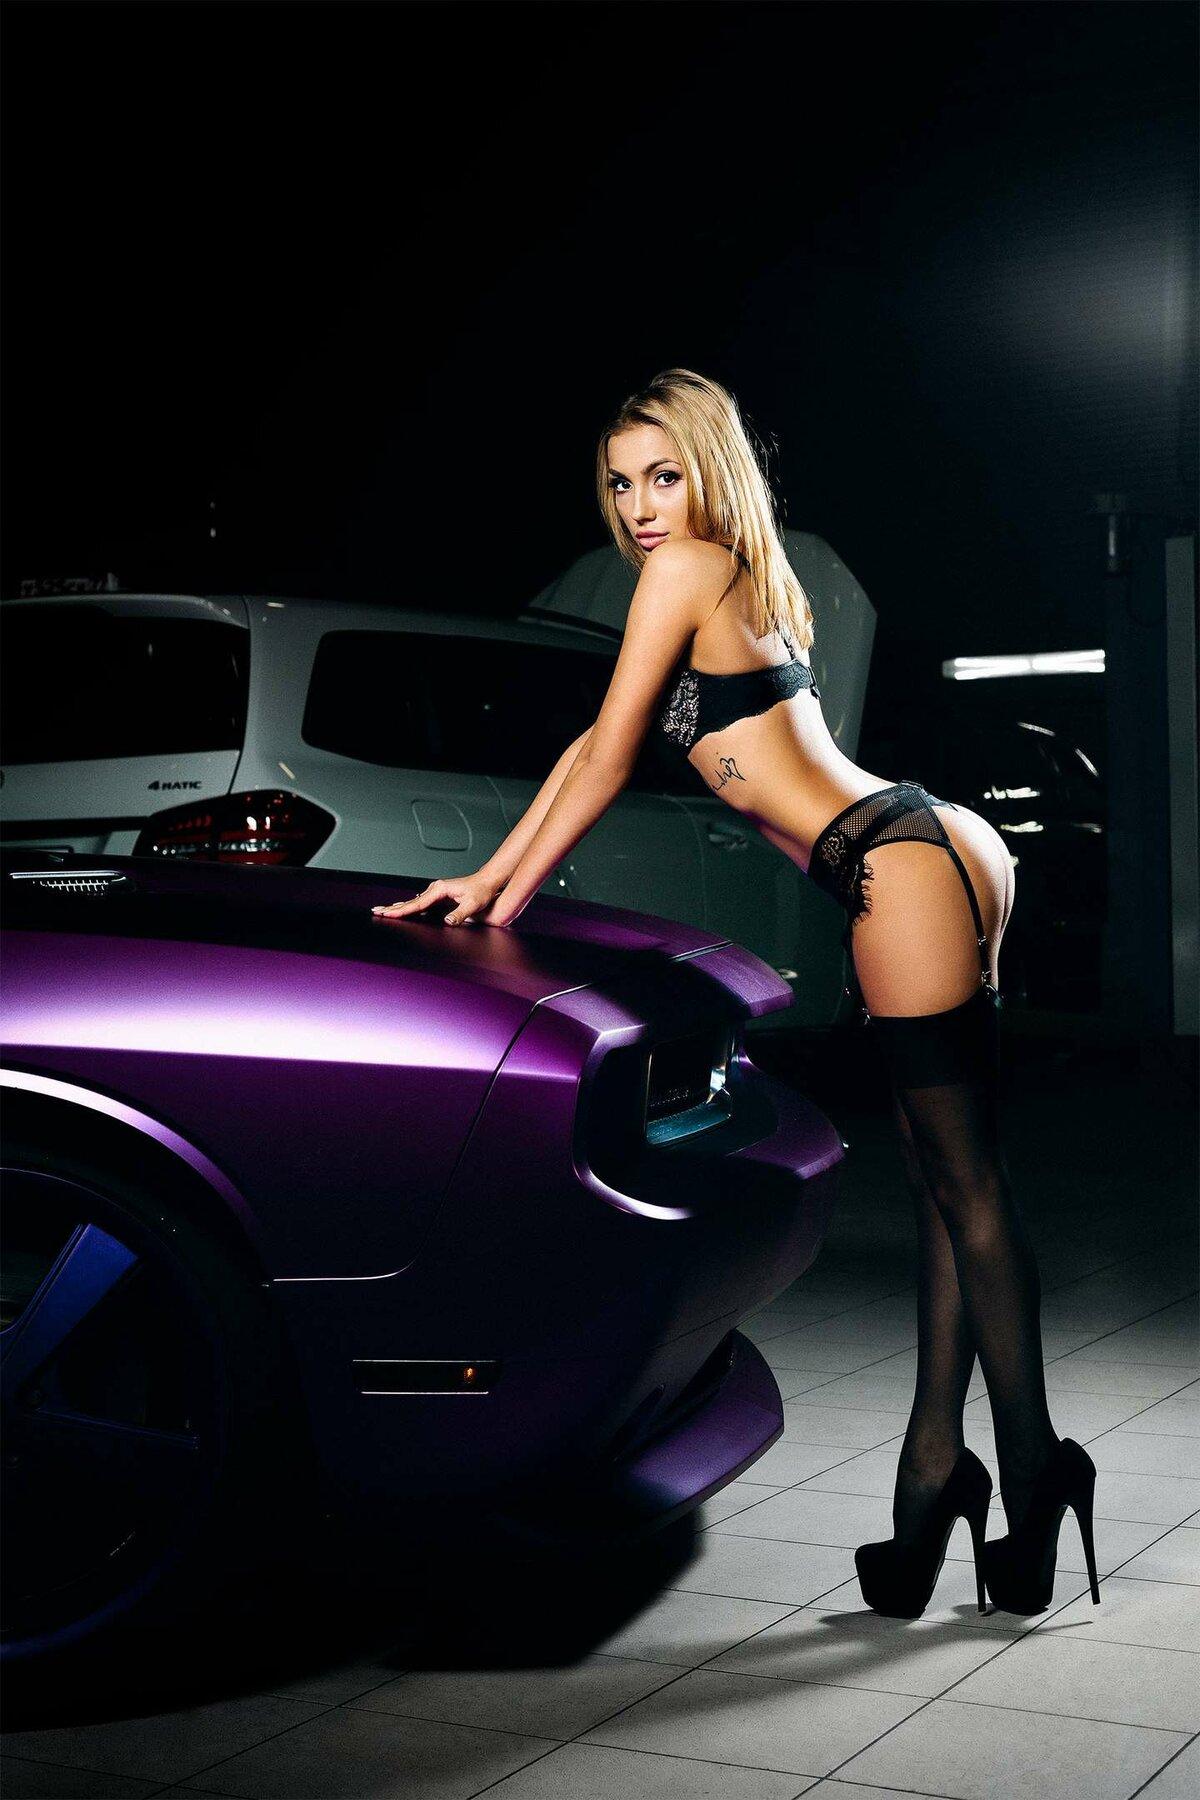 машины девушки новые секси мужика